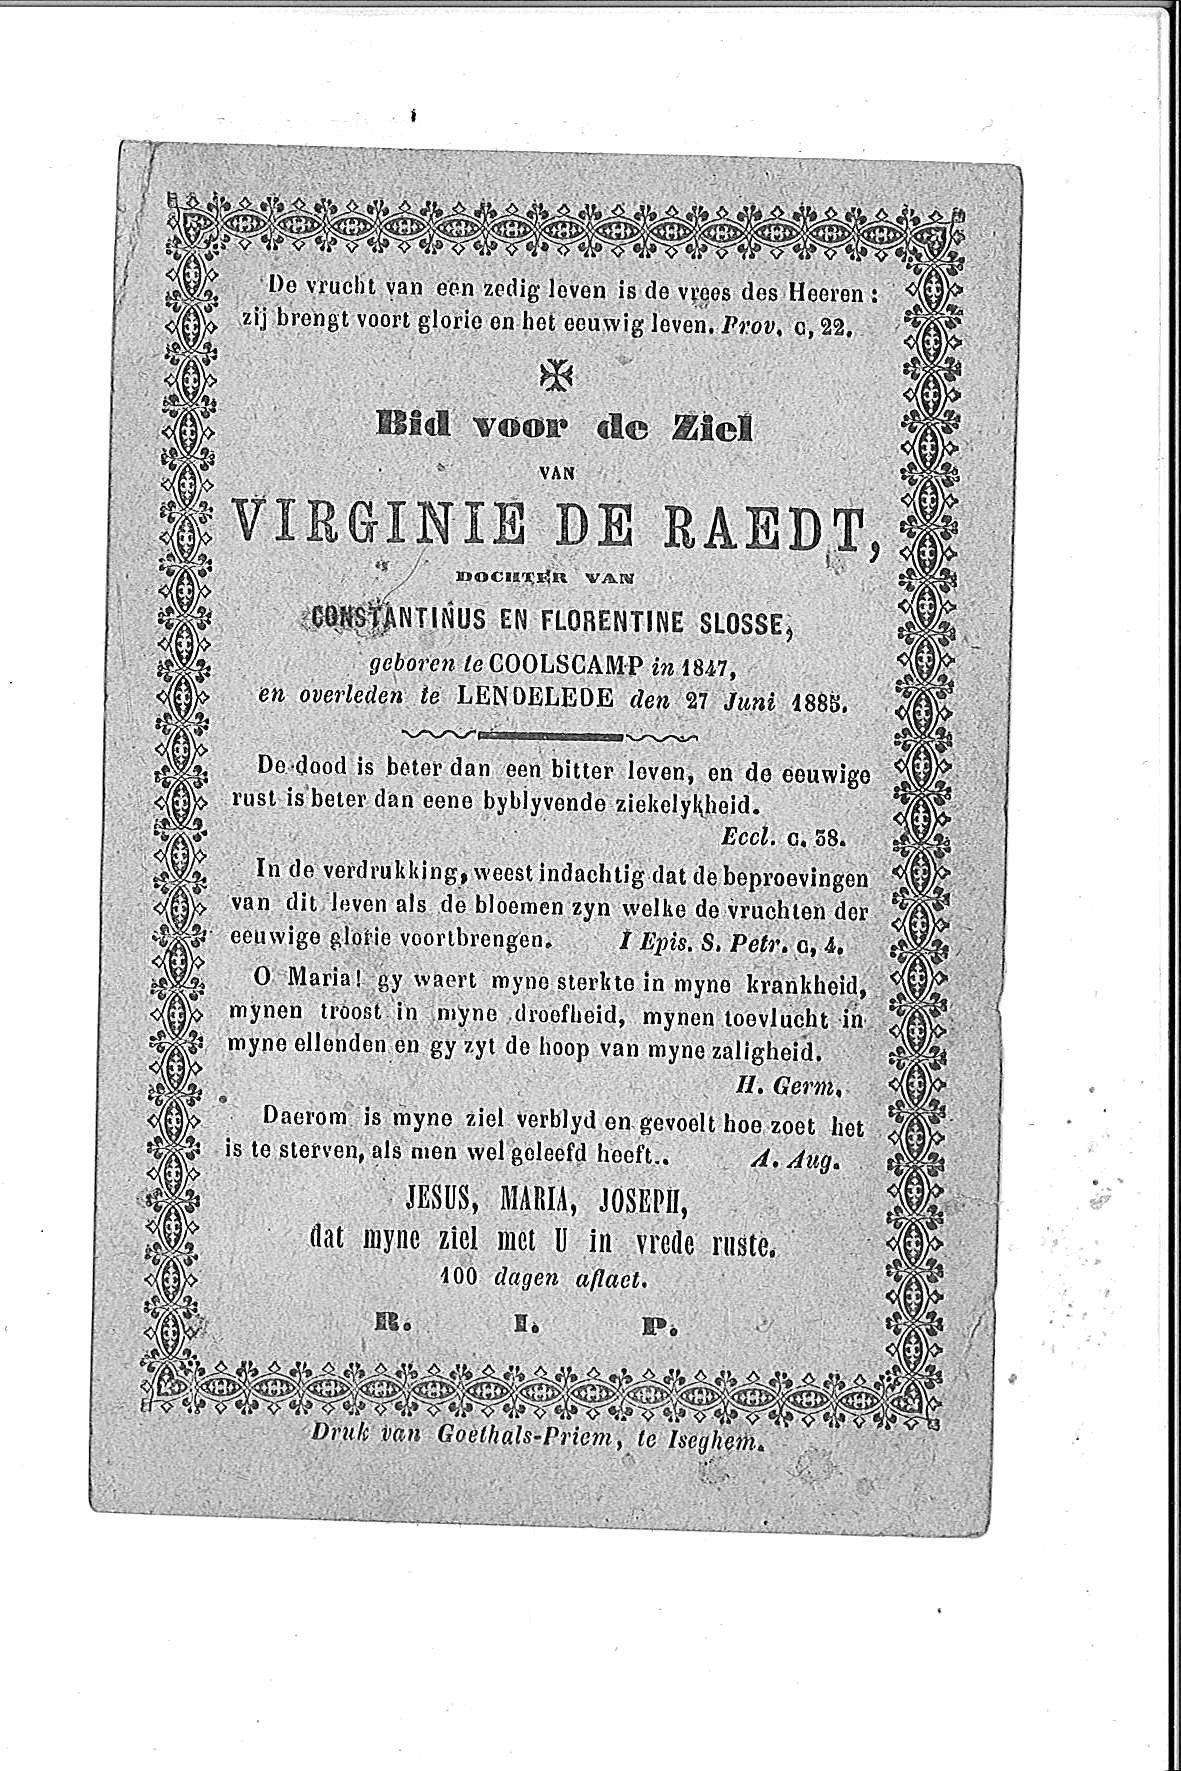 Virginie(1885)20150421094524_00029.jpg